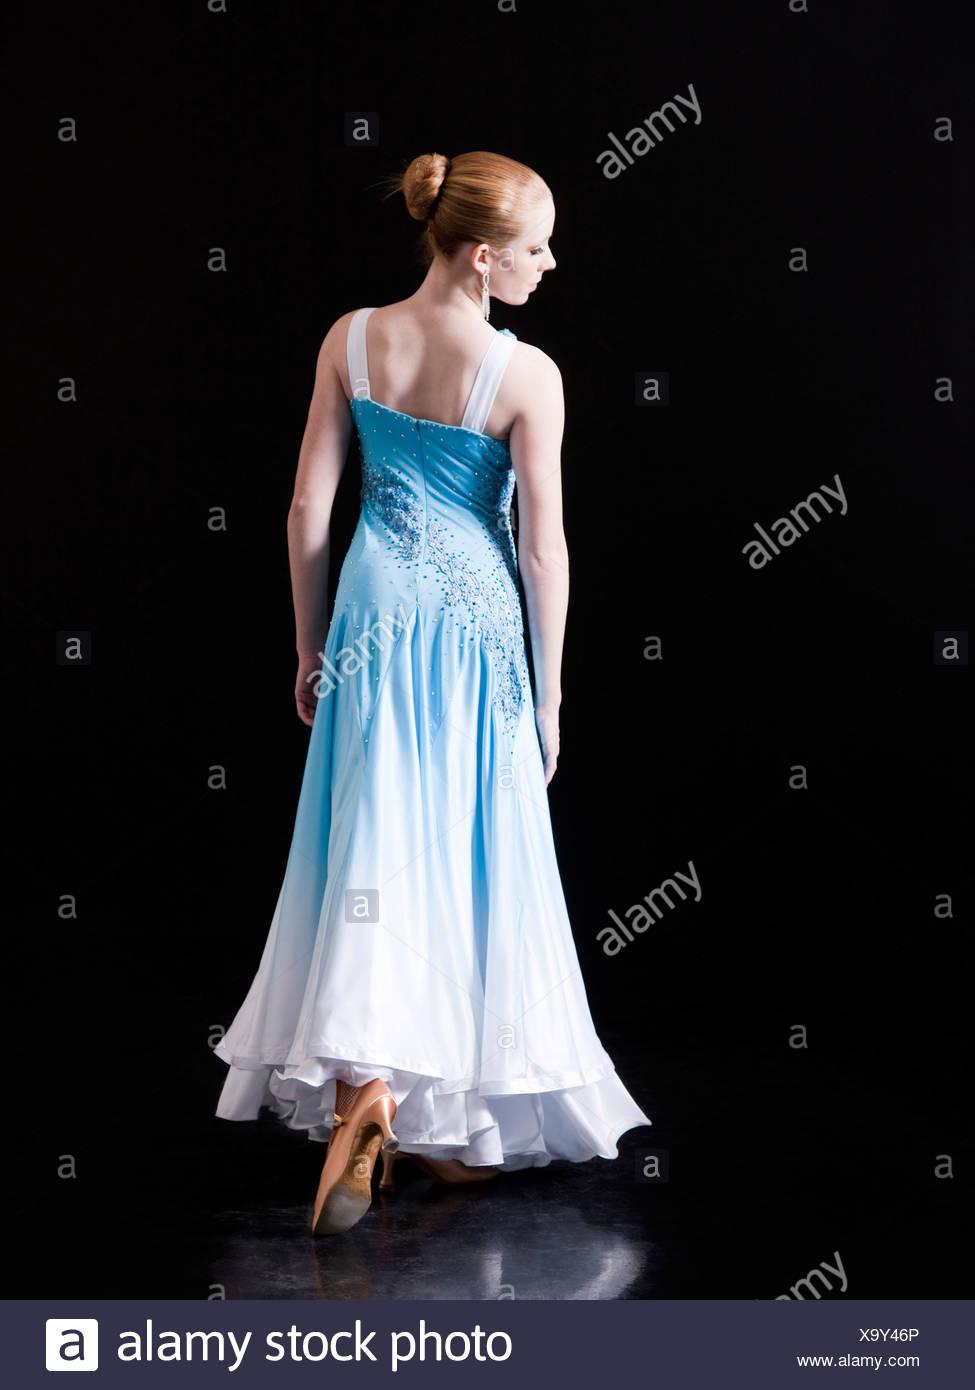 Jeune femme se présentant comme danseur professionnel, studio shot Photo Stock